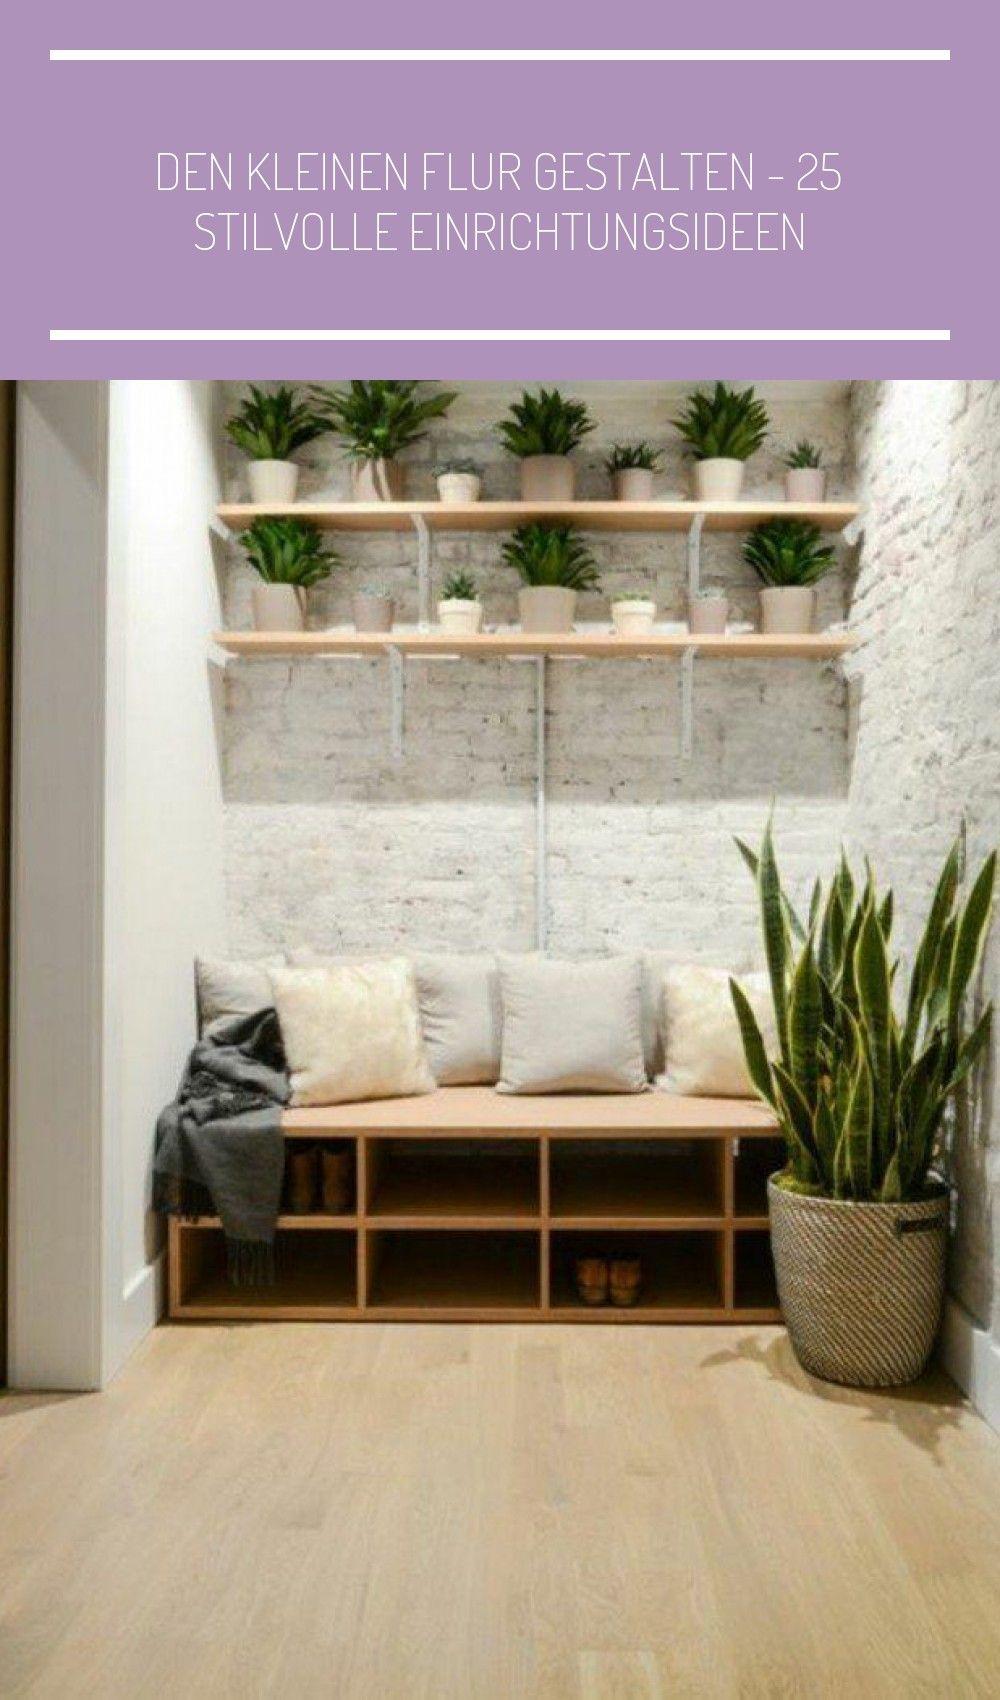 Flur Gestalten Wandregale Schuhregale Zimmerpflanzen Haus Deko